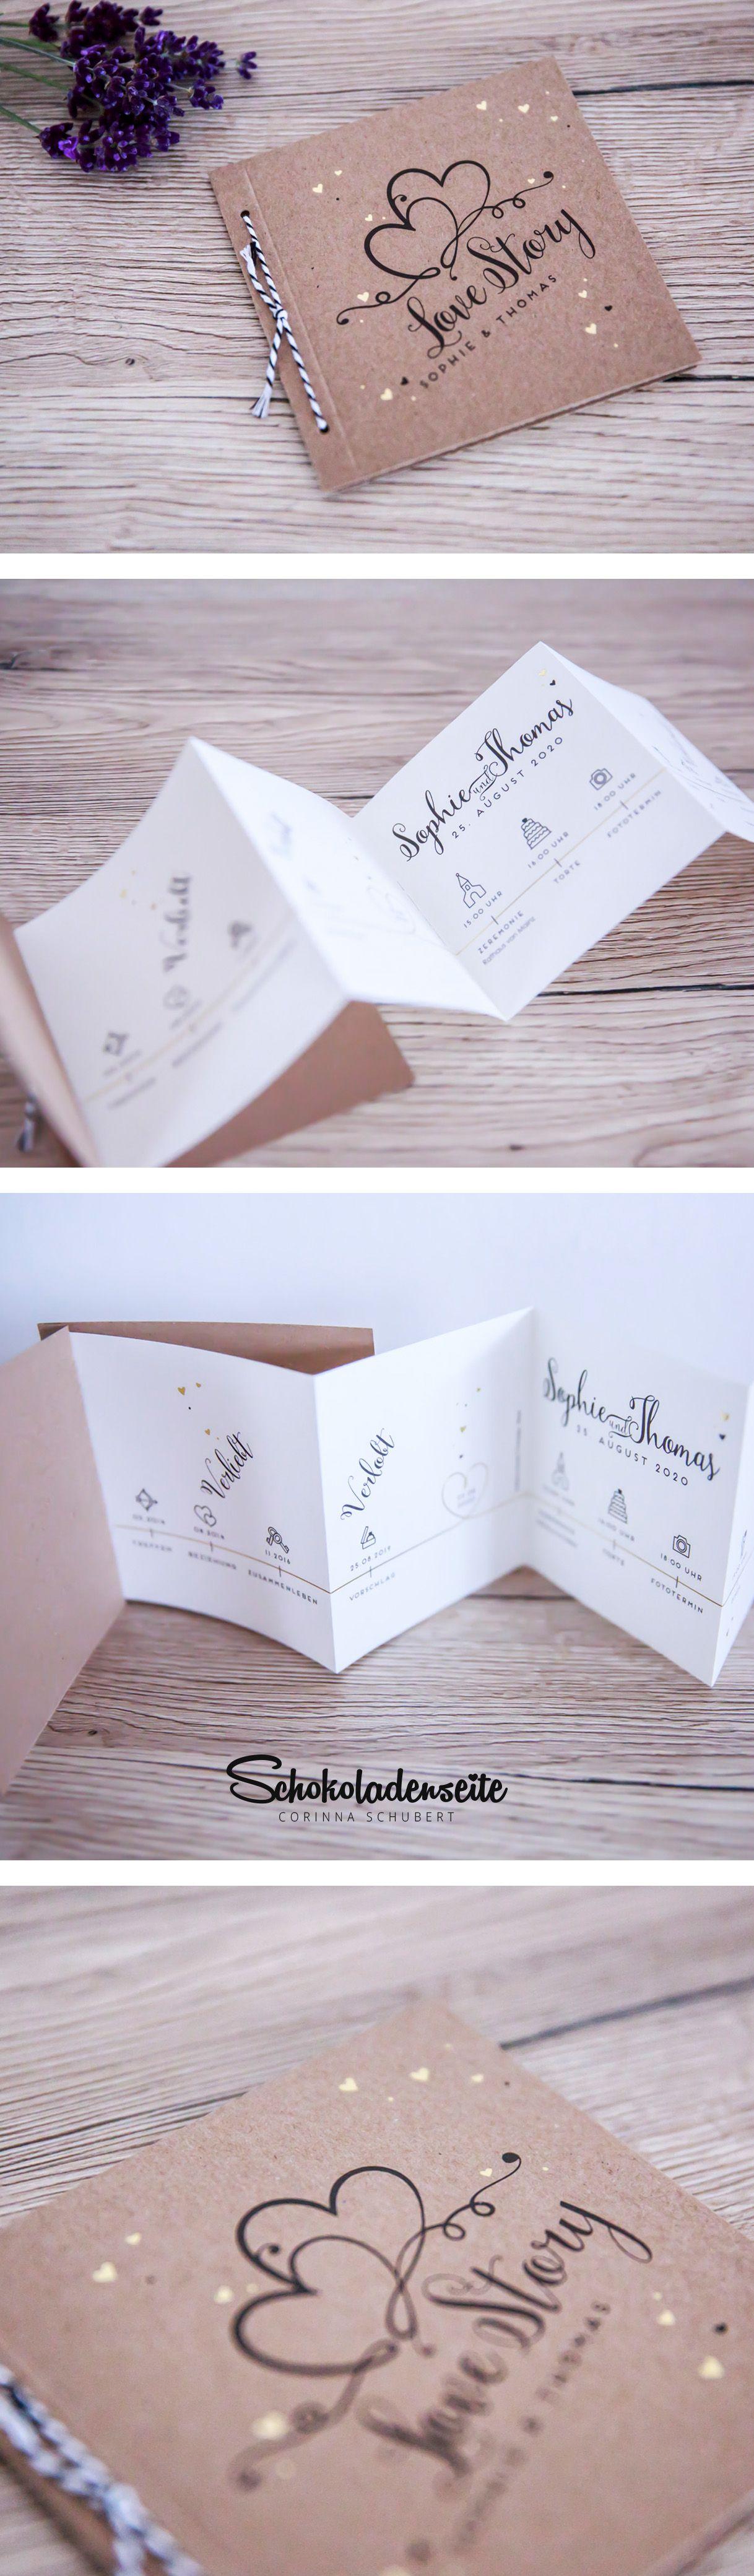 hochzeitseinladung geschenkverpackung und karten. Black Bedroom Furniture Sets. Home Design Ideas